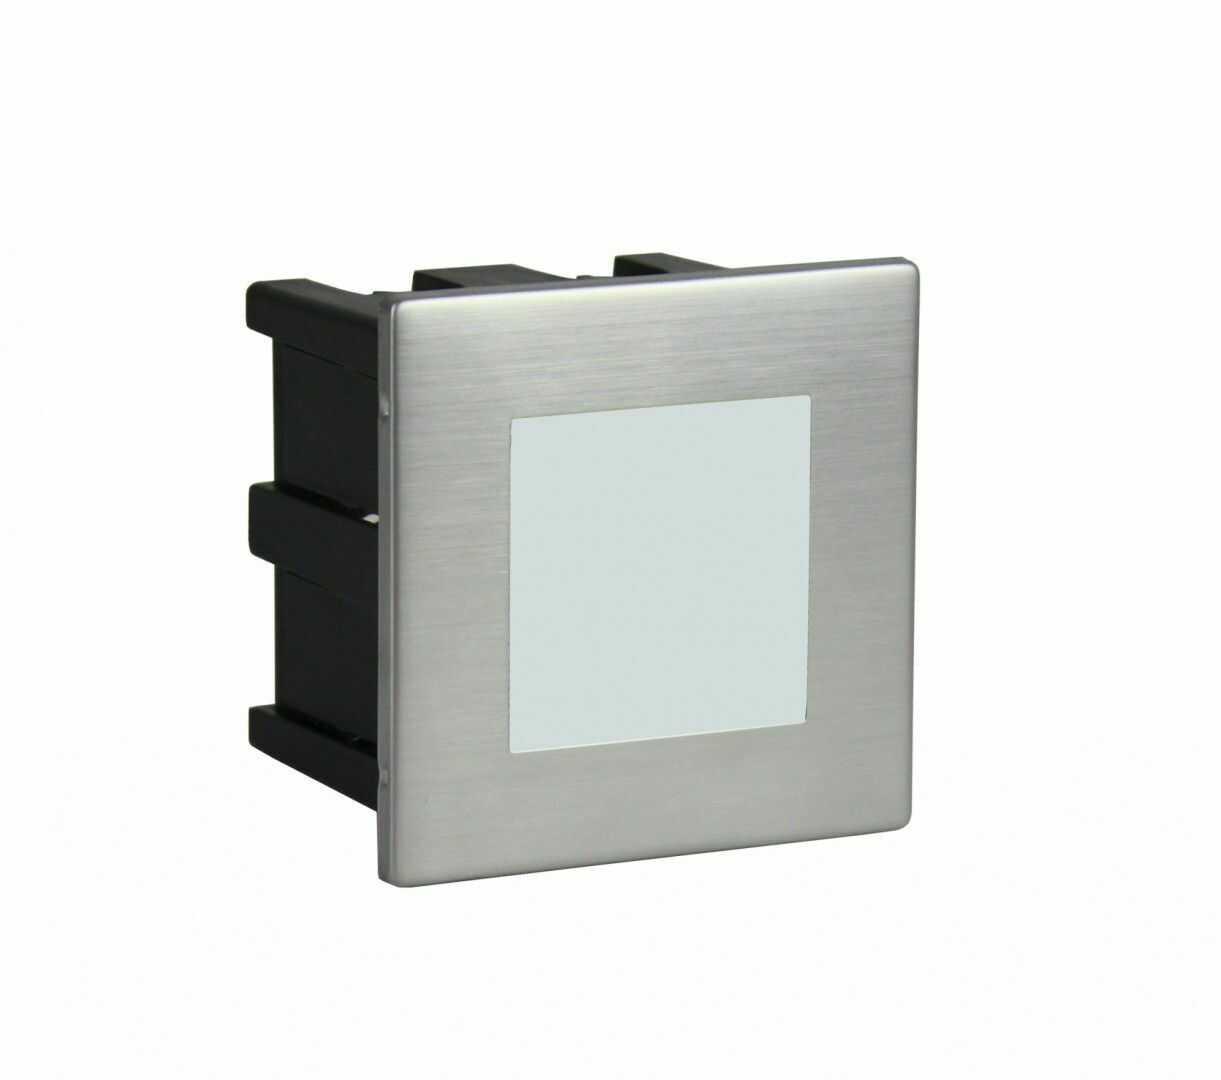 Oprawa do wbudowania MUR LED INOX F 04  SU-MA  Sprawdź kupony i rabaty w koszyku  Zamów tel  533-810-034